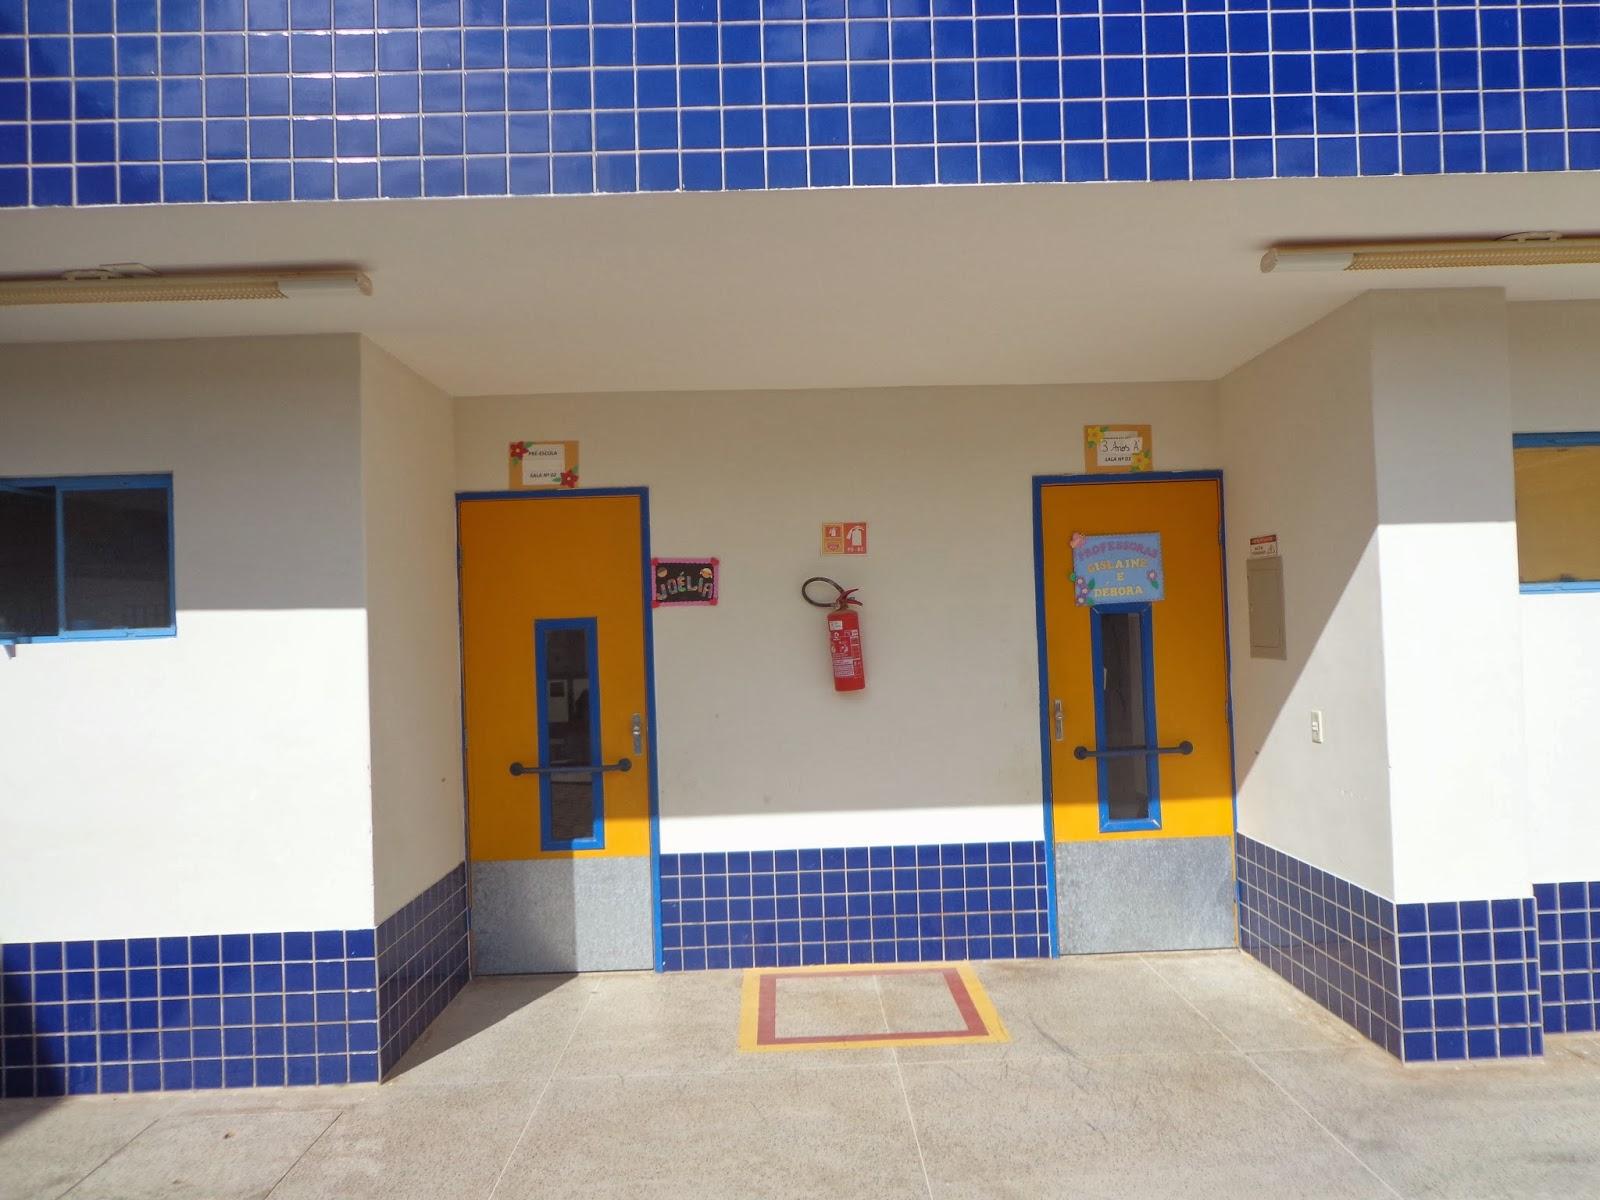 Imagens de #834B12 ESTRUTURA DA CRECHE ~ CEI Ana Marcelo Antunes CEI AMA 1600x1200 px 3336 Blocos Autocad Banheiro Para Deficientes